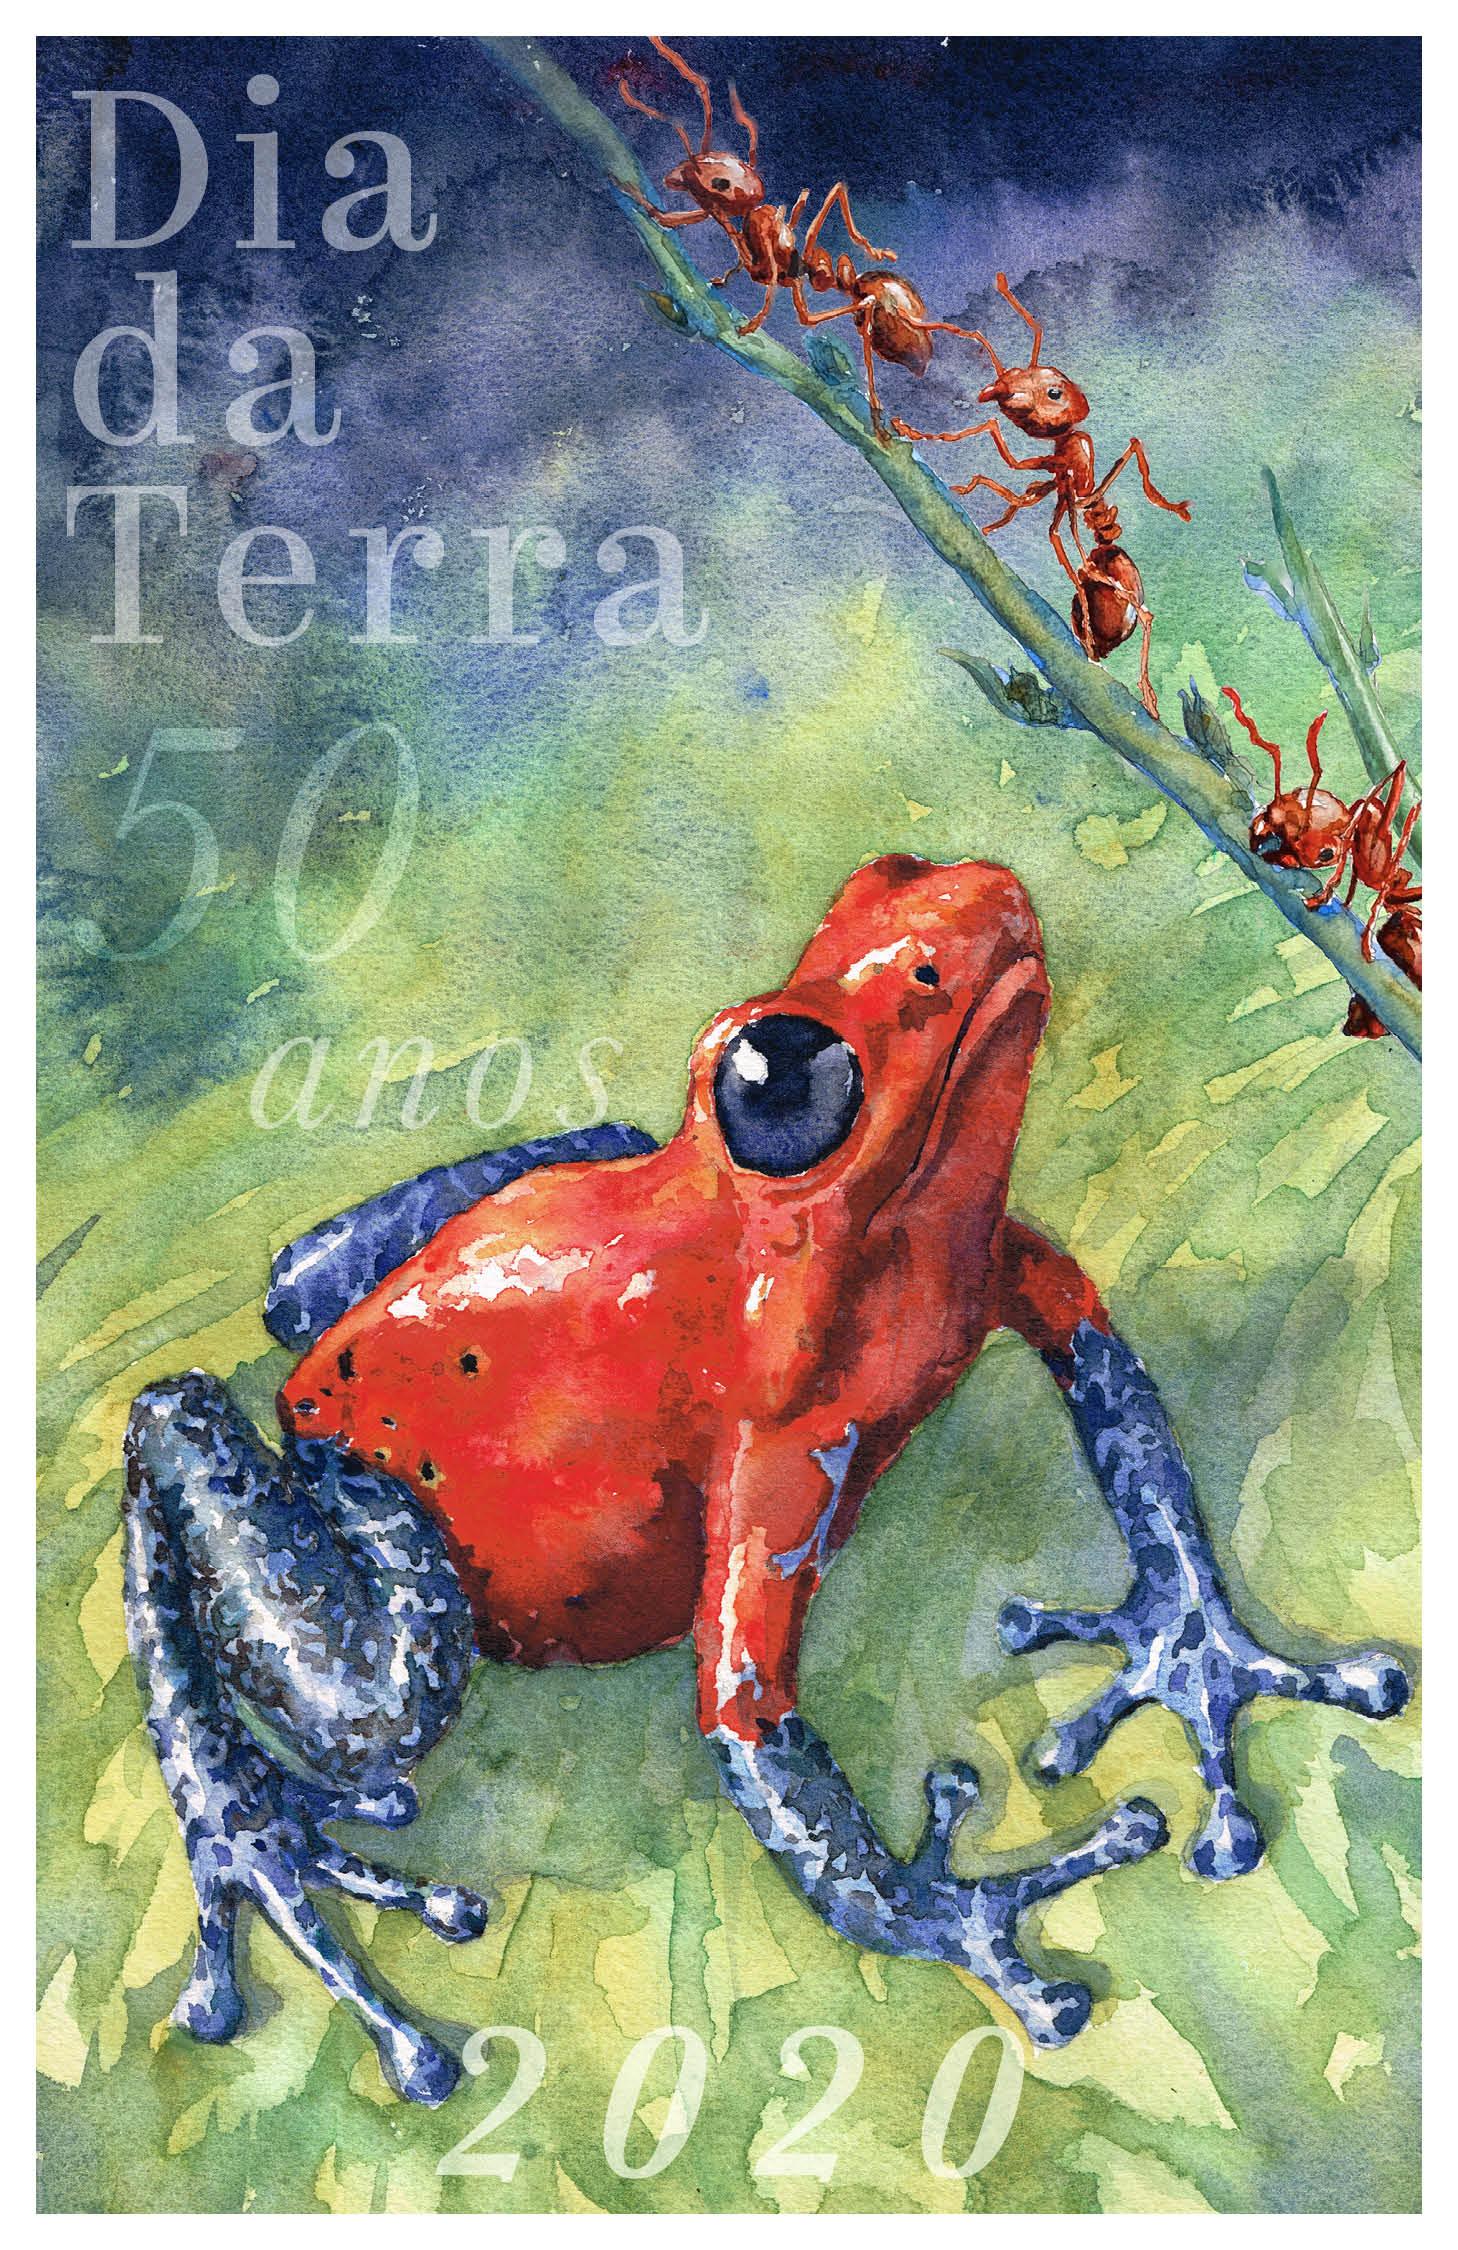 """Cartaz colorido sobre o meio ambiente com ilustração de um sapo vermelho e azul olhando para formigas vermelhas em um galho. E texto com os dizeres: """"Dia da Terra 50 anos 2020"""" (Depto. do Estado/D. Thompson)"""